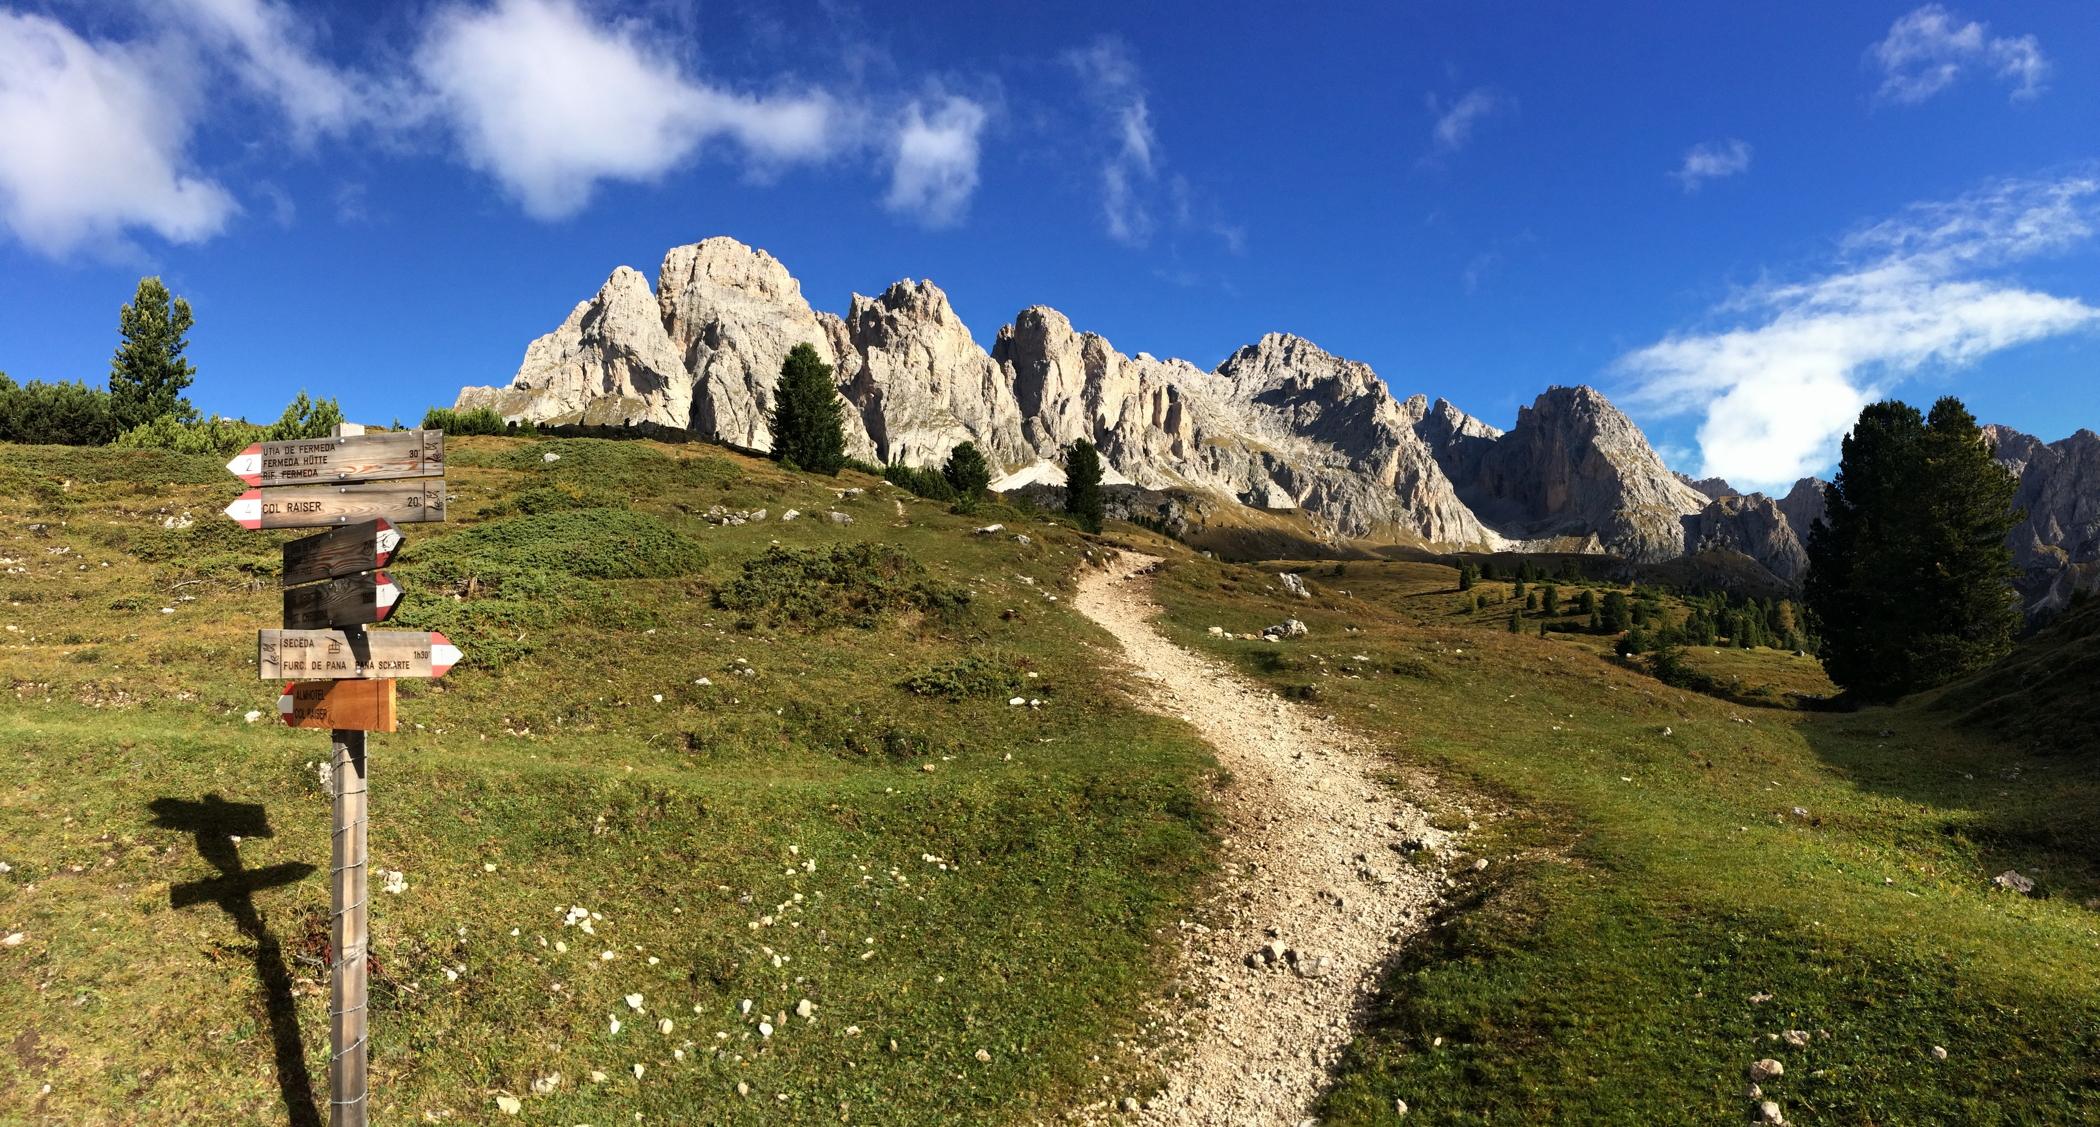 Liebeserklärung Ode an die Natur wie in Südtirol